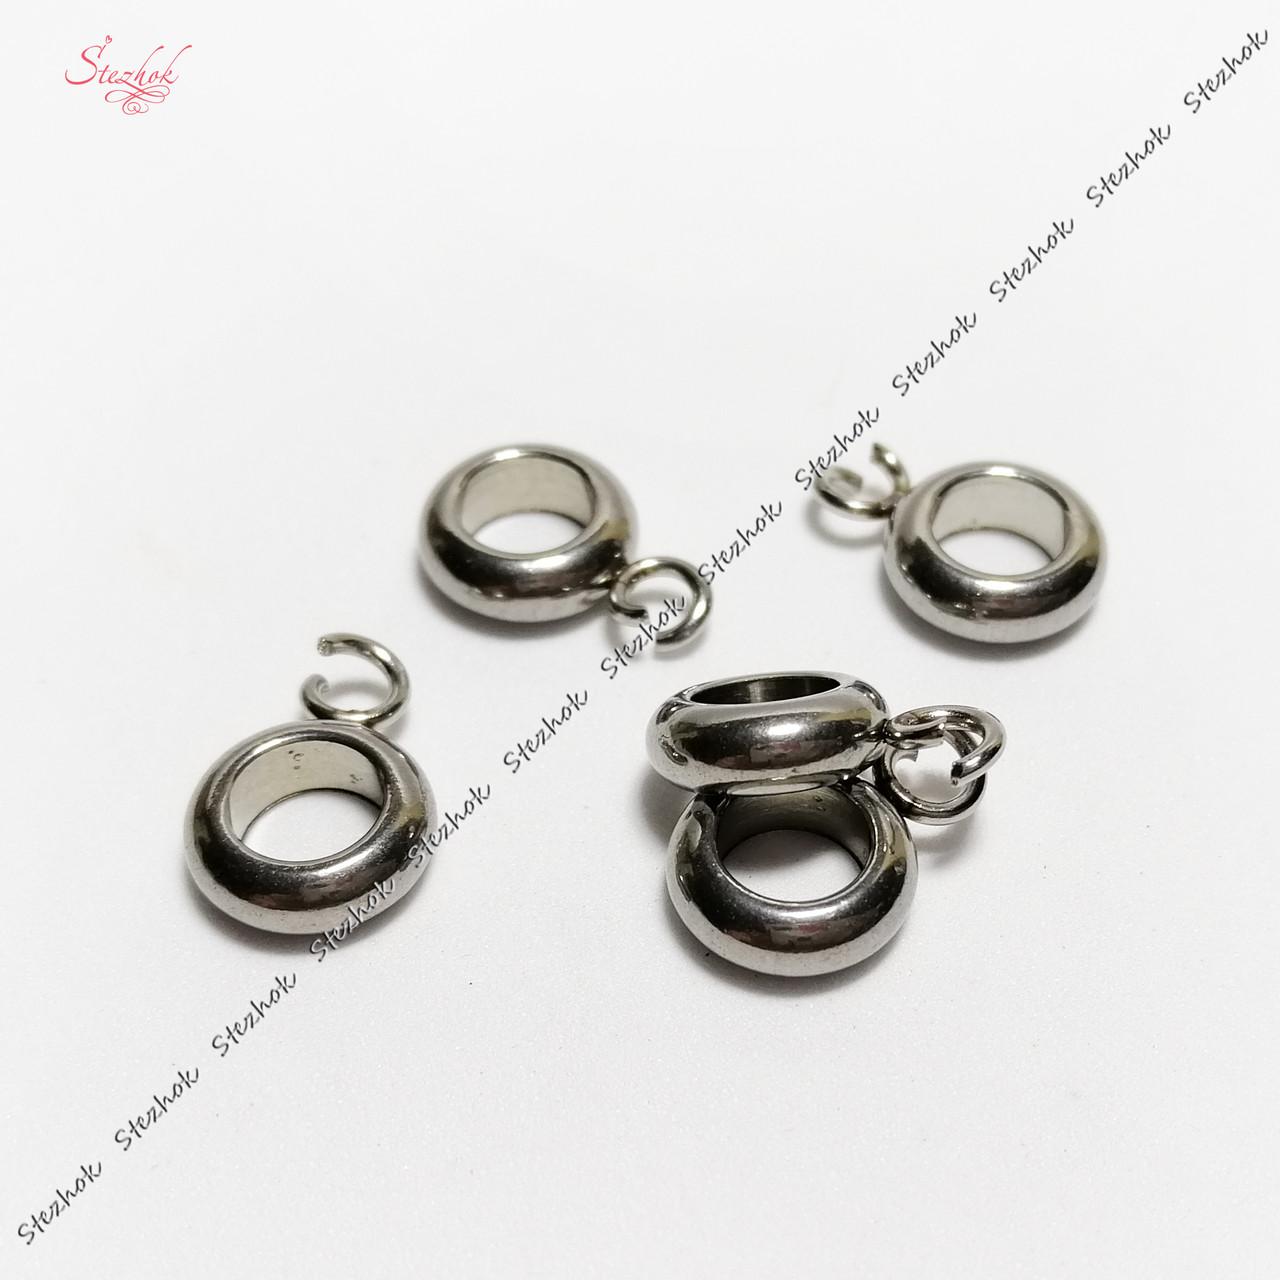 Металлические бейлы-бусины с кольцом 8 мм из нержавеющей стали для рукоделия